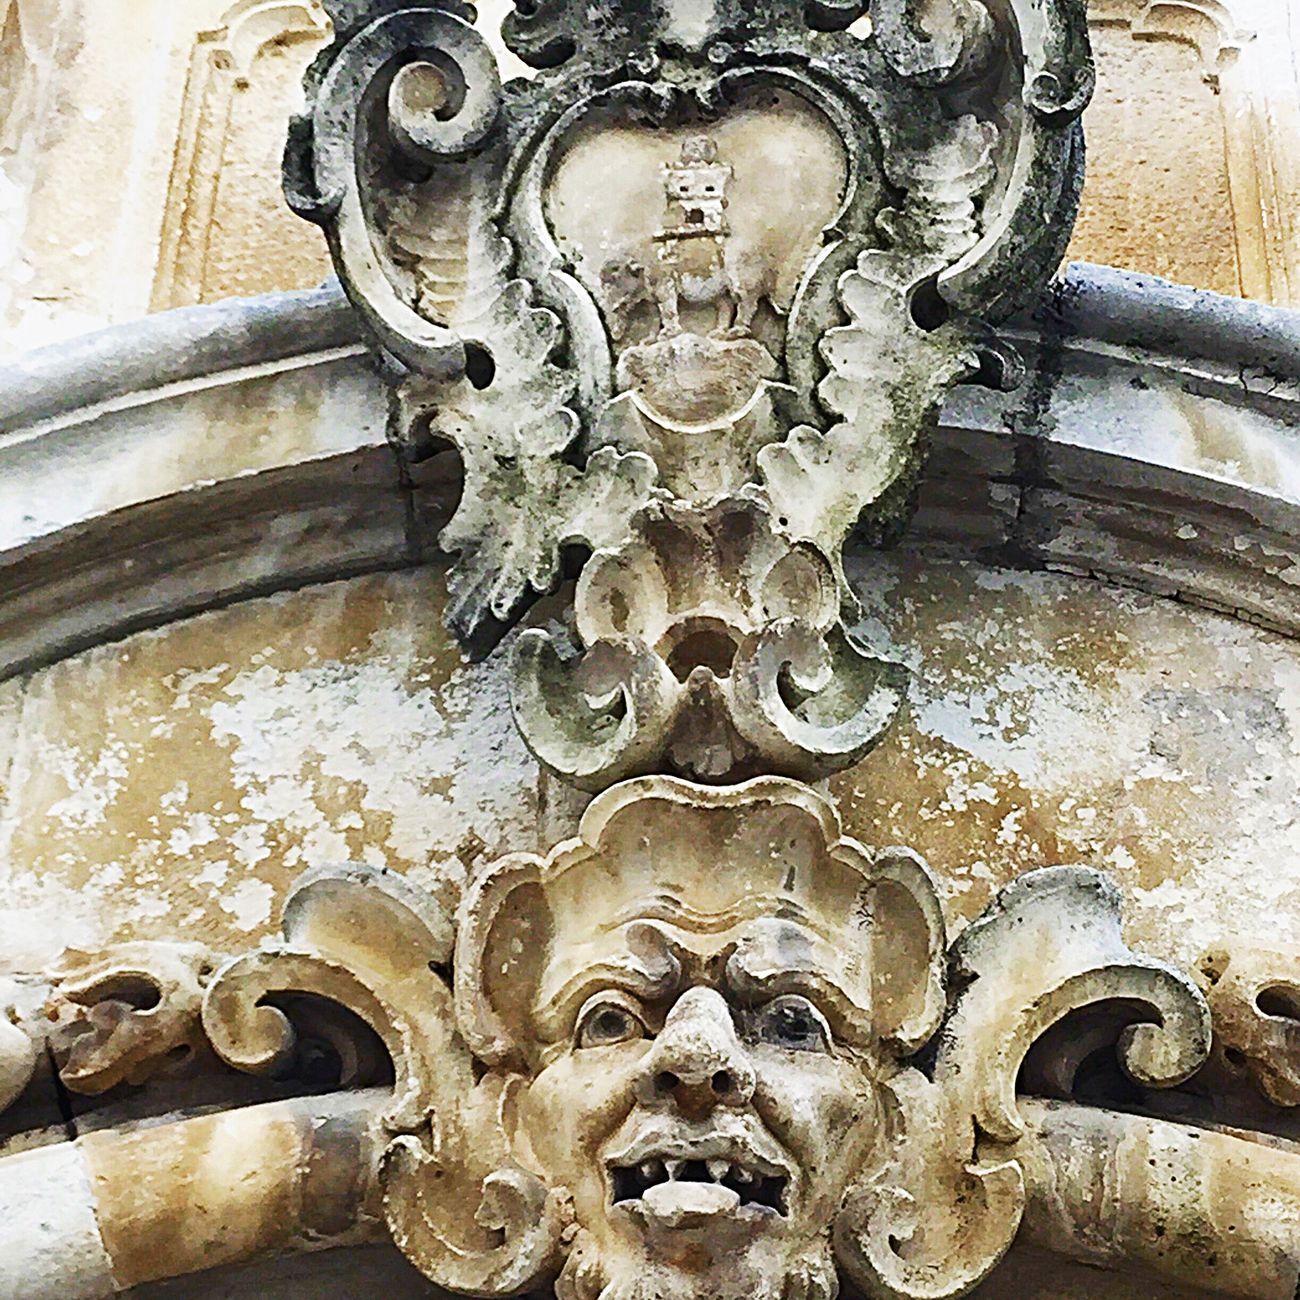 Mascherone sormontato da scudo con il simbolo della famiglia Morelli, l'elefante che sorregge la torre. (#PalazzoMorelli, la cui facciata fu rinnovata nel XVIII secolo, è l'esempio più evidente del Barocco a Locorotondo). Barocco Igersvalleditria Baroque